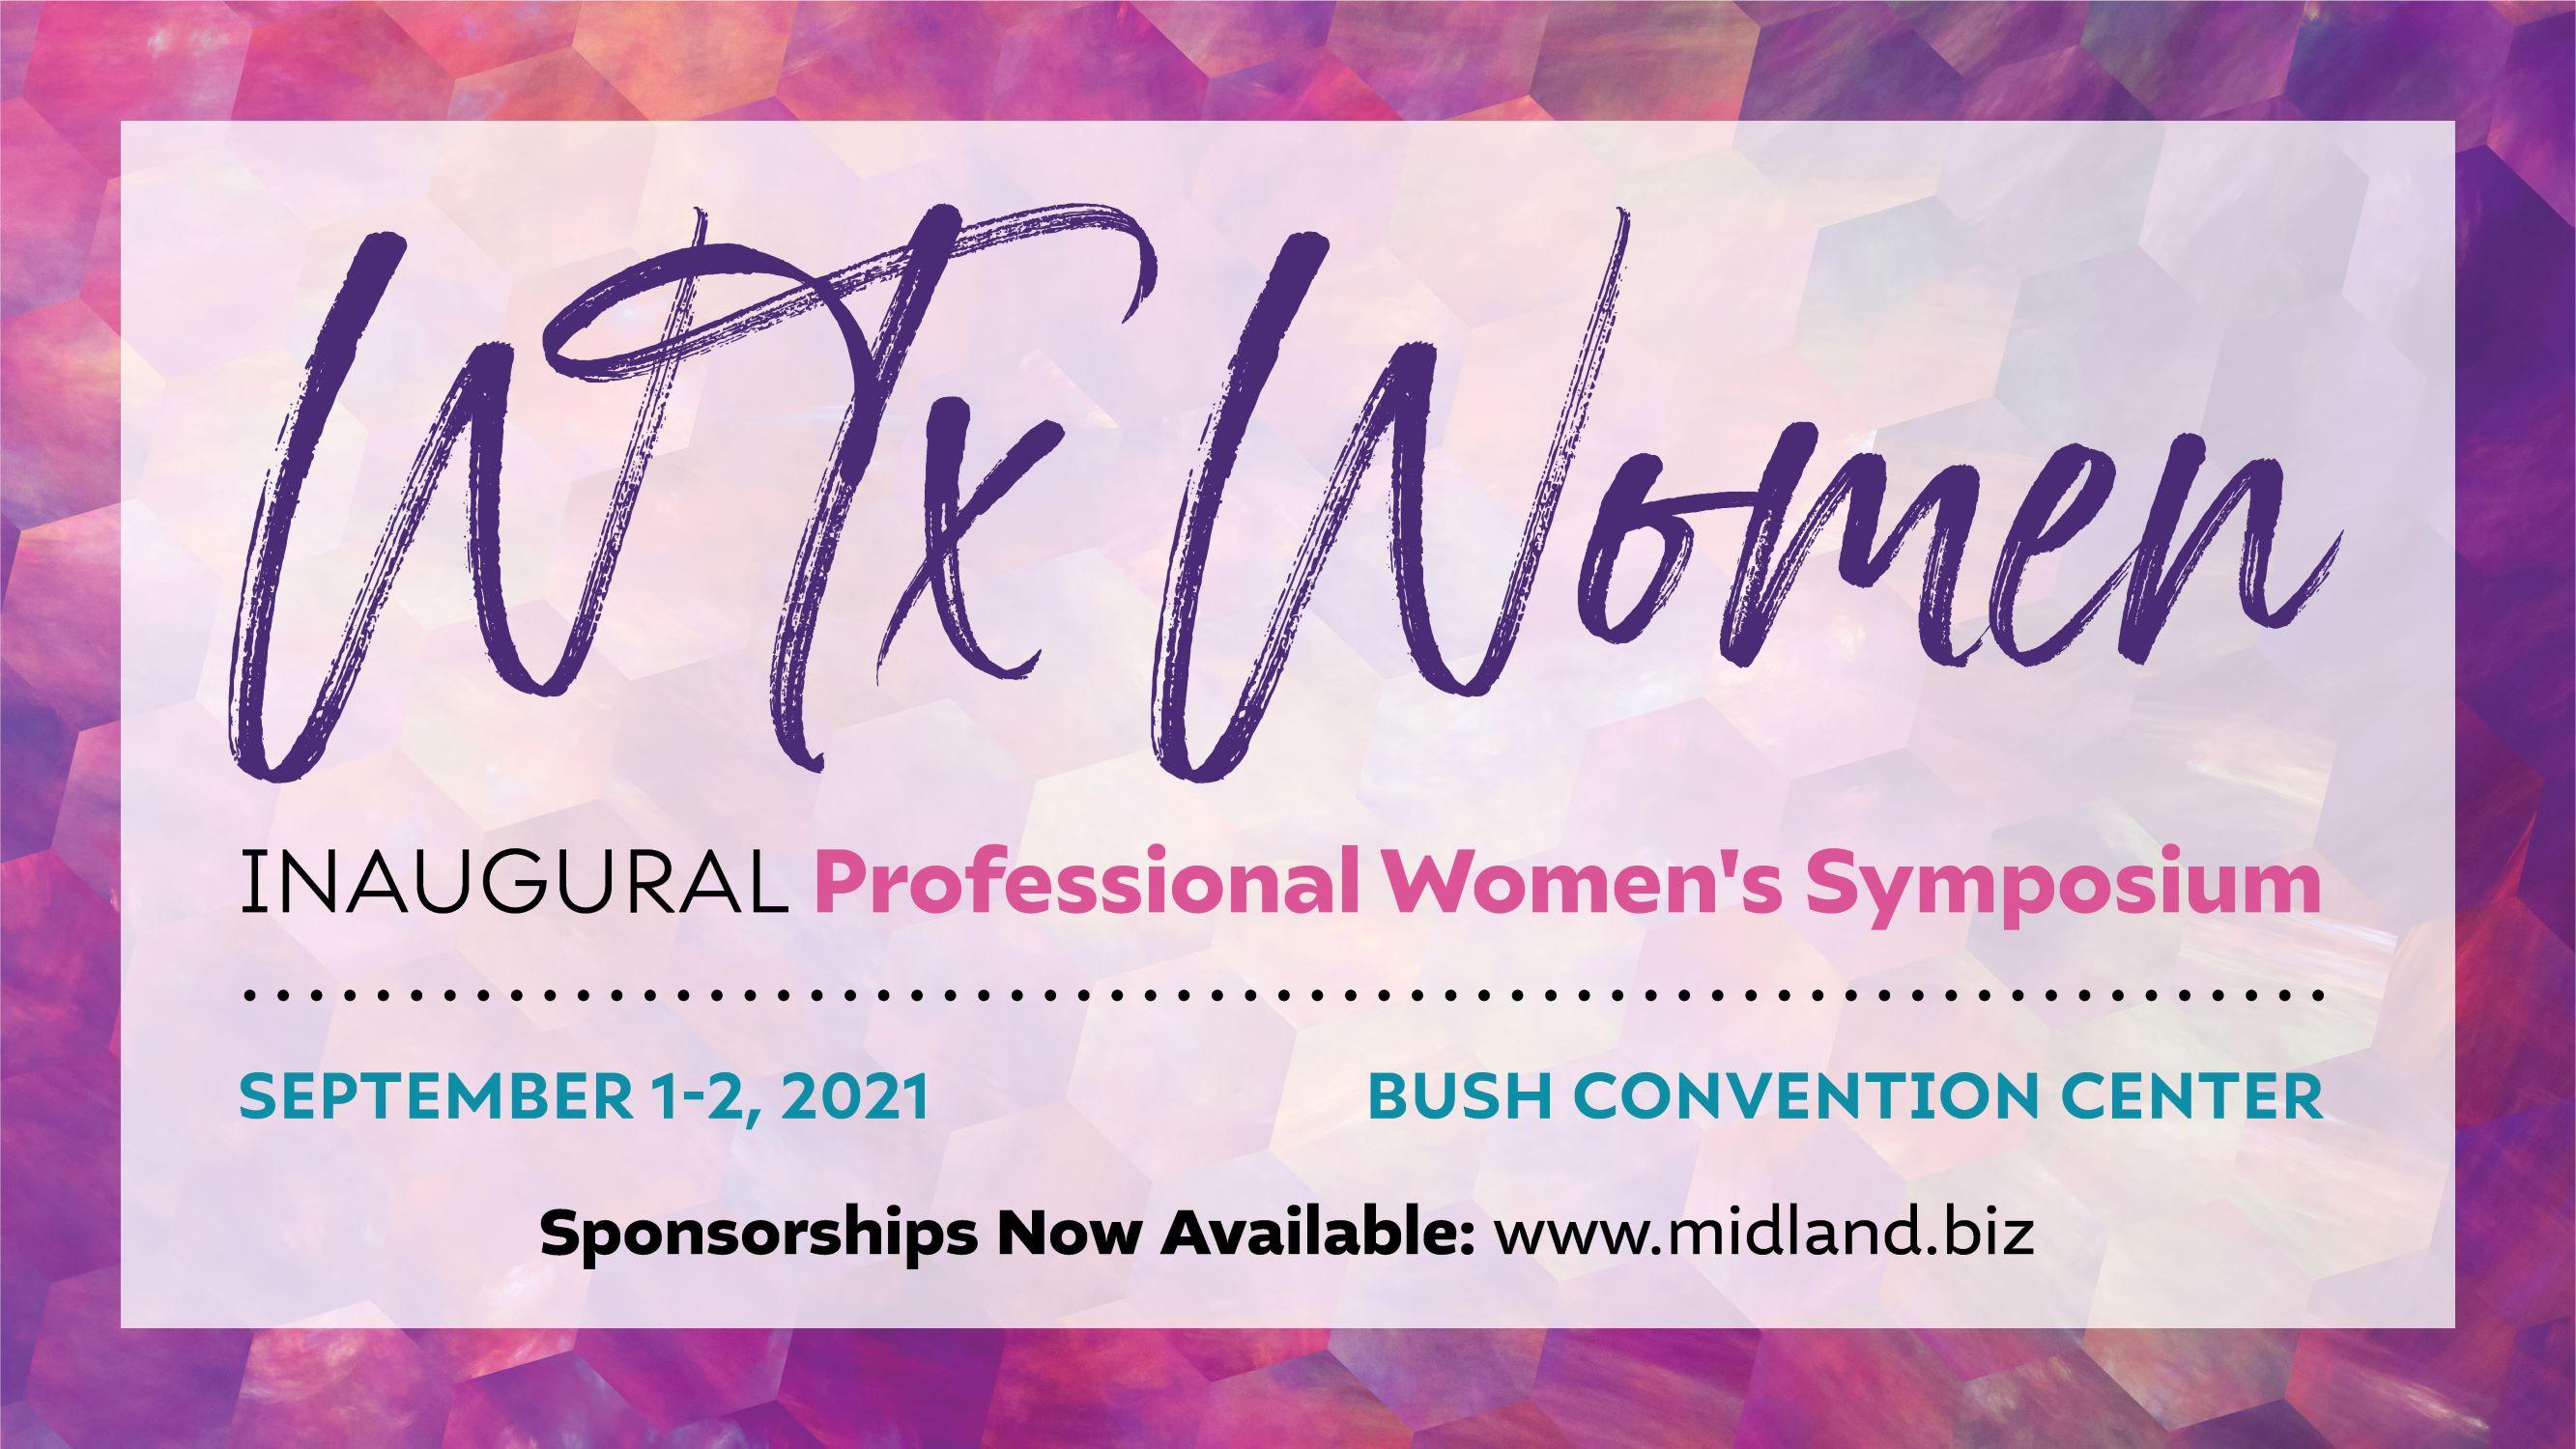 WTX Women: Professional Women's Symposium